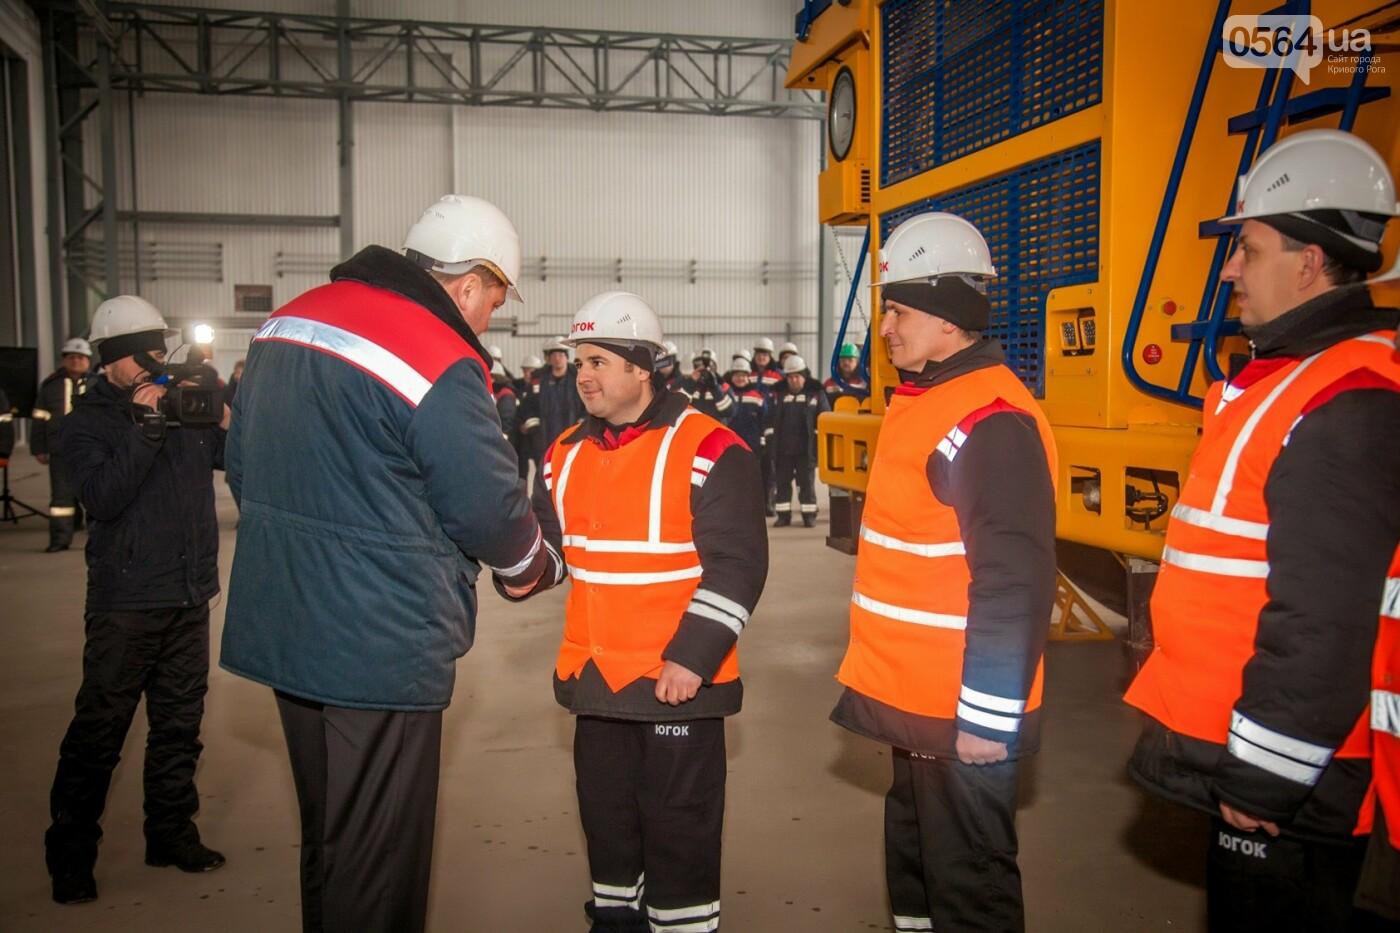 Южный ГОК инвестировал в обновление горной техники 63 миллиона гривен, фото-3